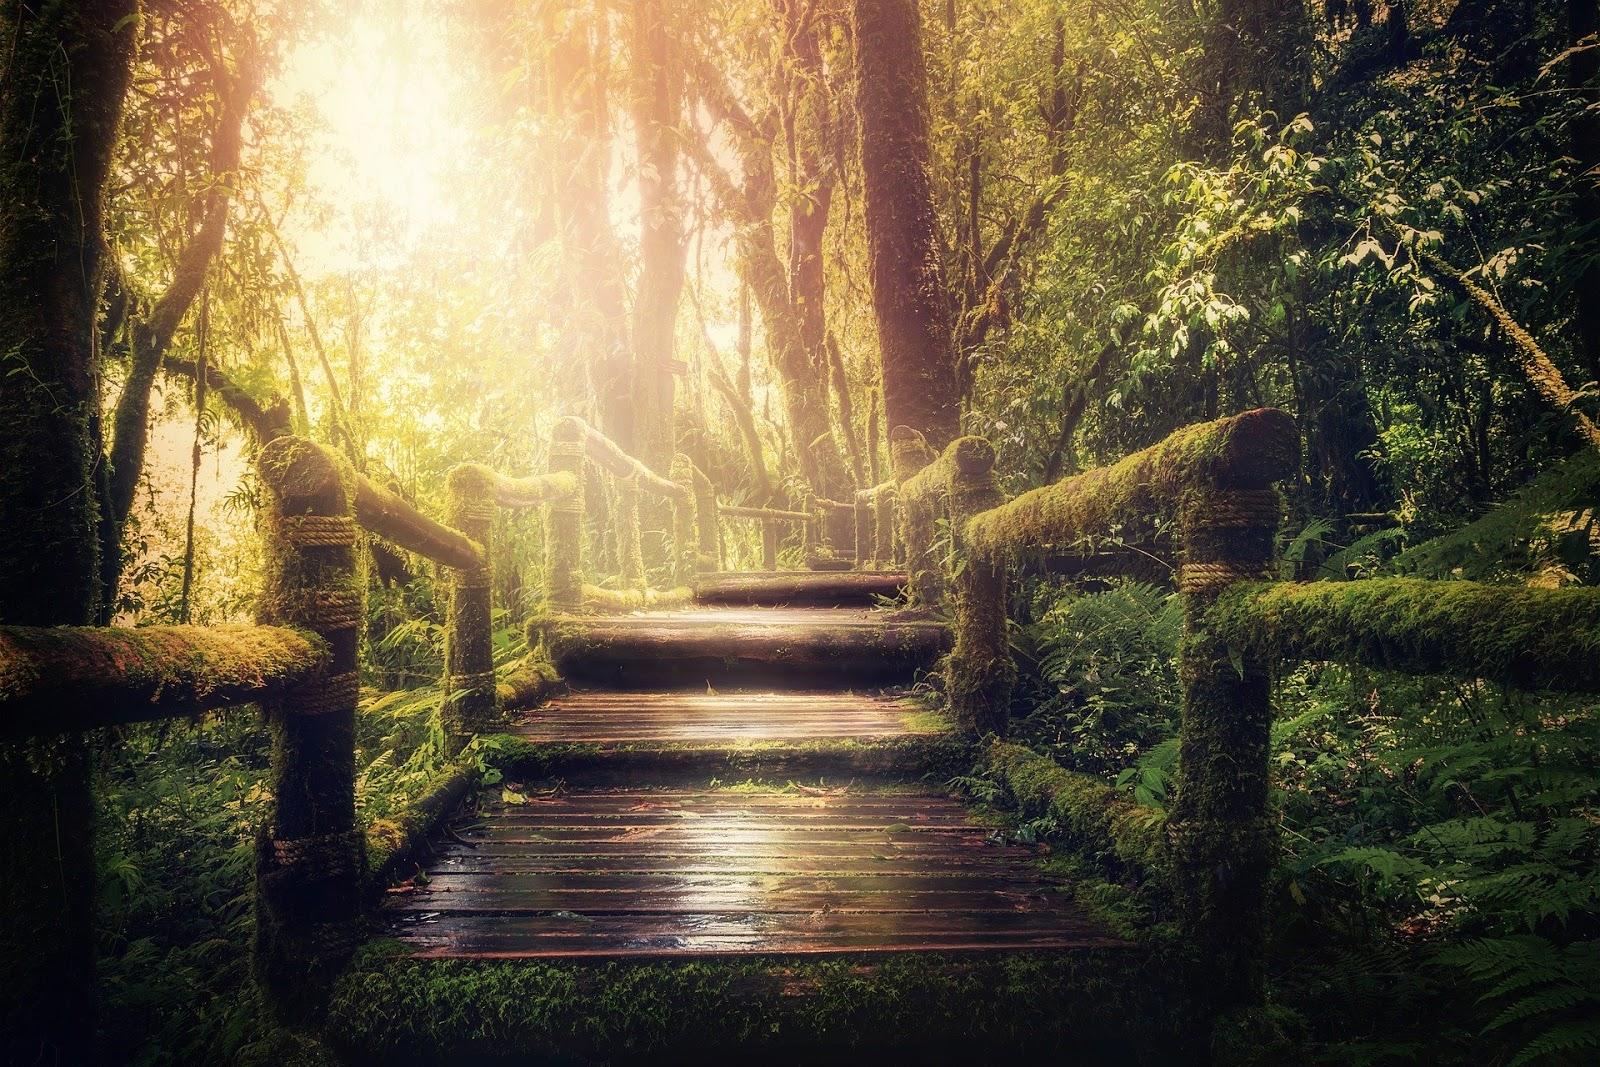 reinkarnacja duszy, droga duszy poprzez wcielenia